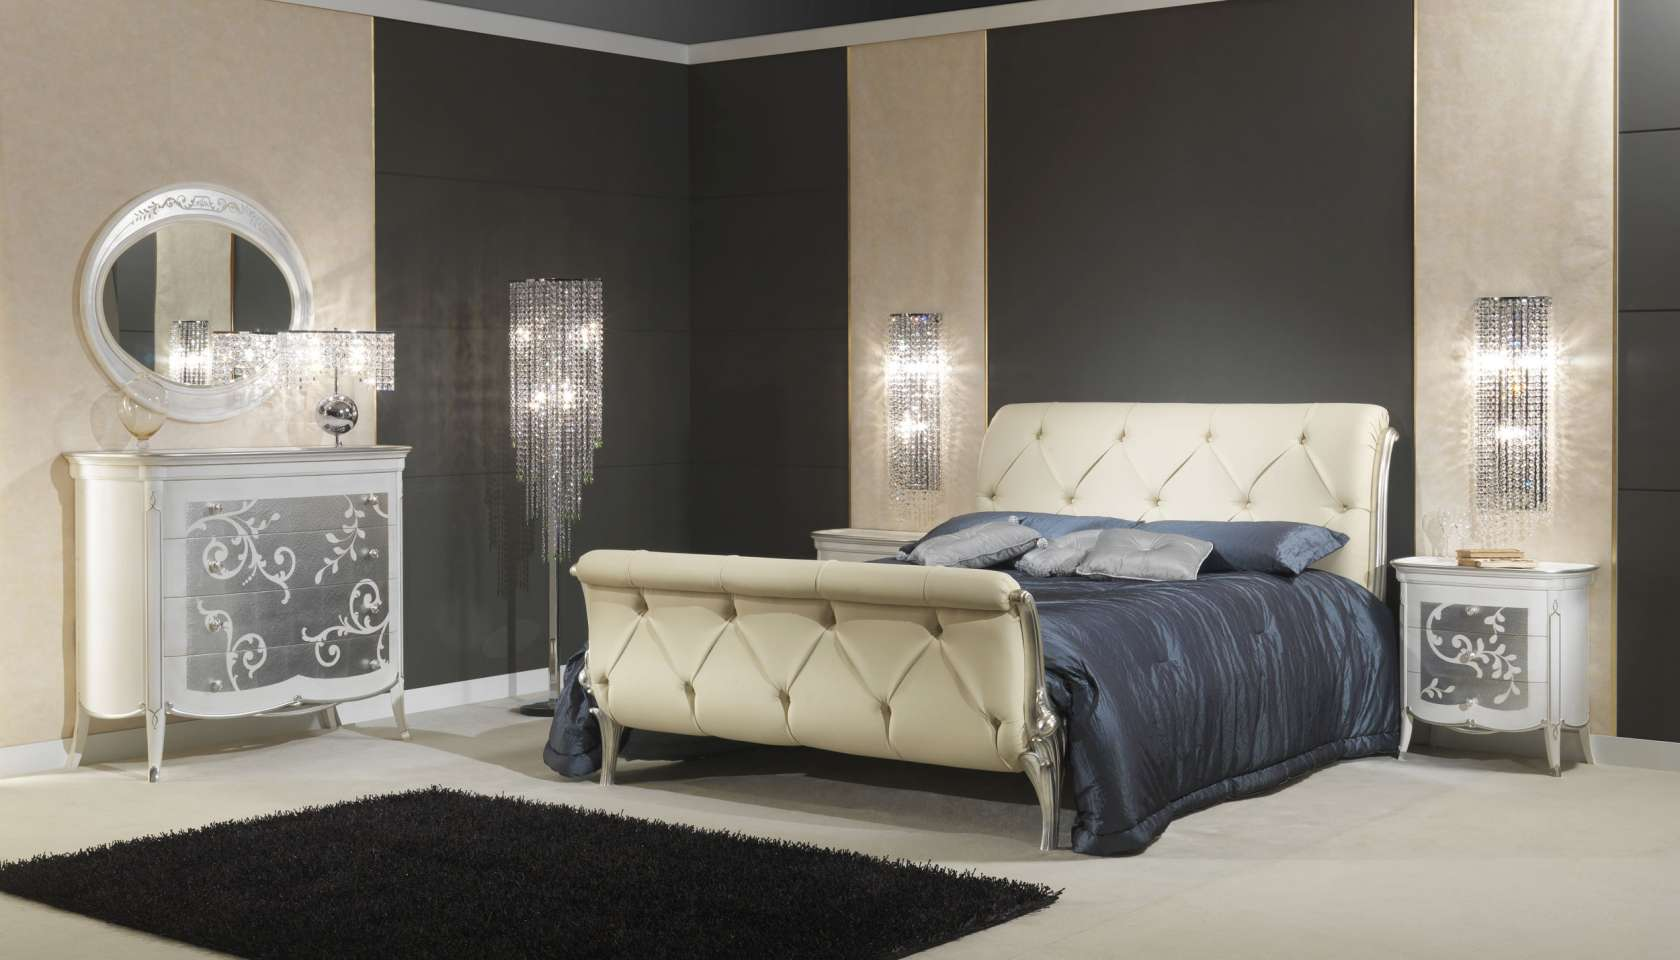 Camera da letto in stile art dec arredo classico di lusso - Camera da letto stile classico ...